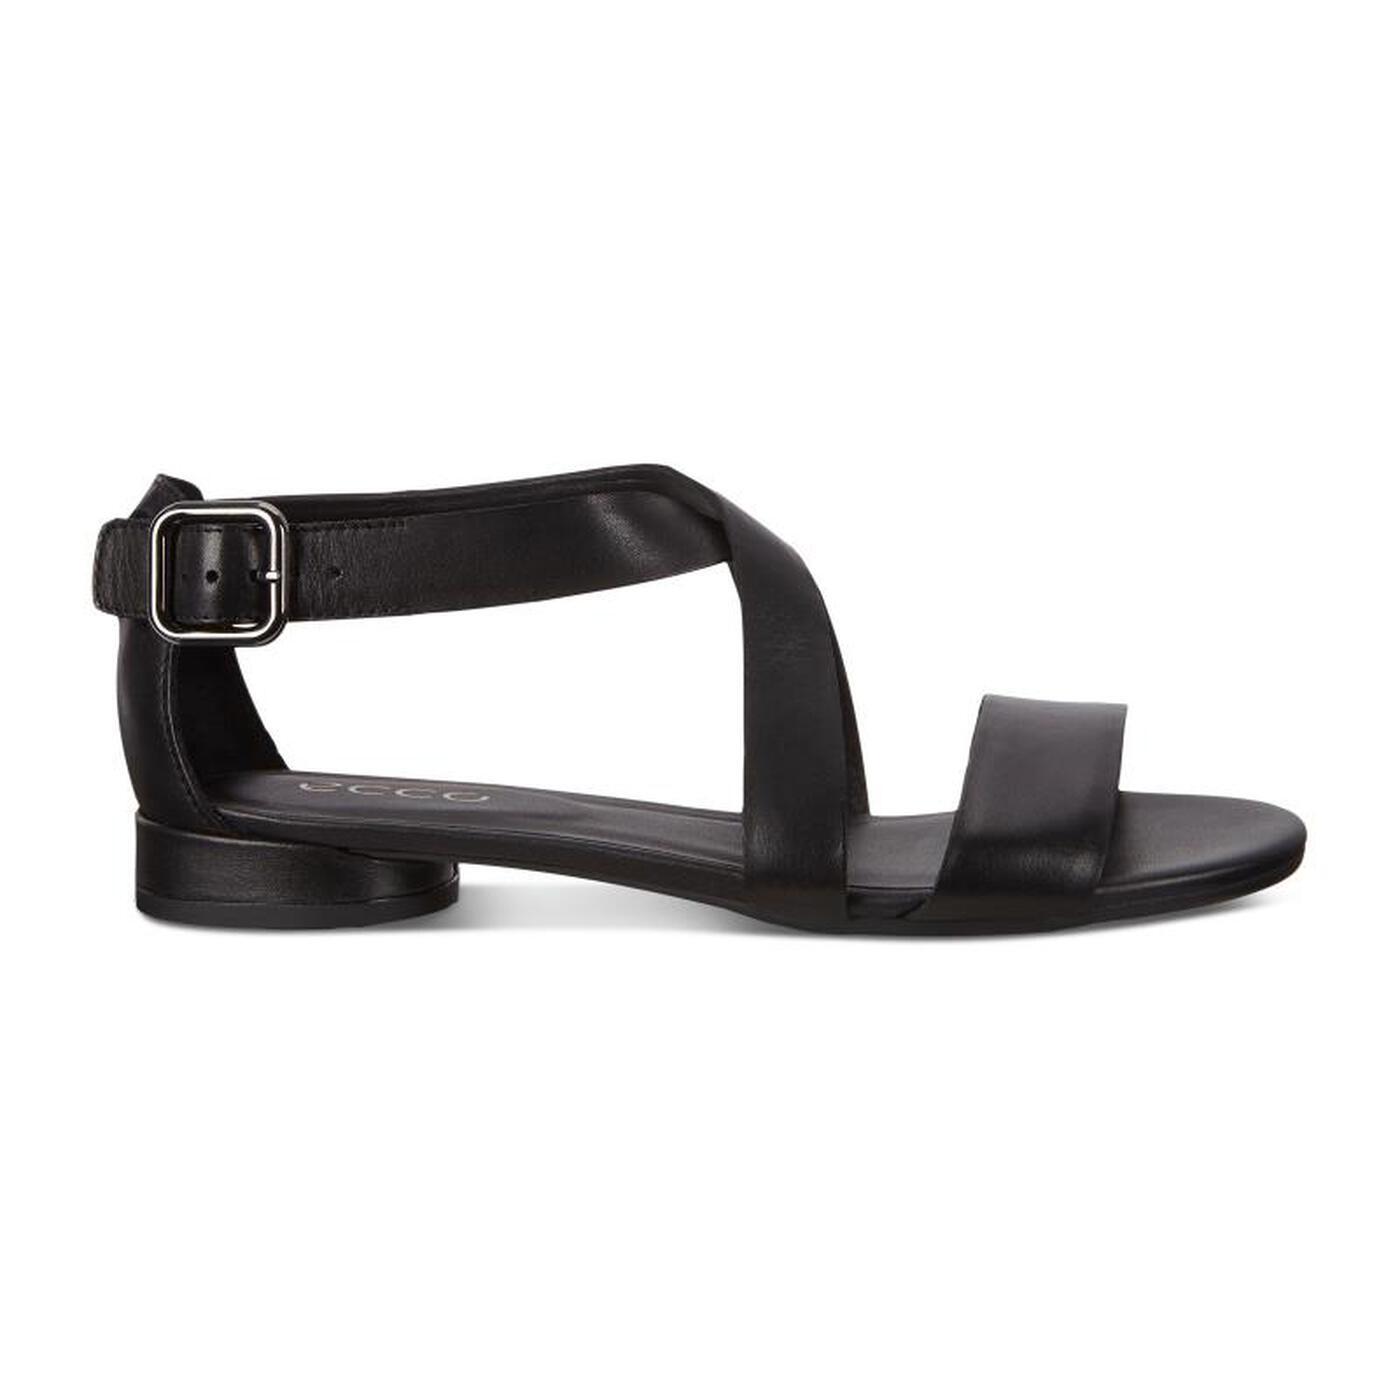 ECCO Women's Flat Sandals II